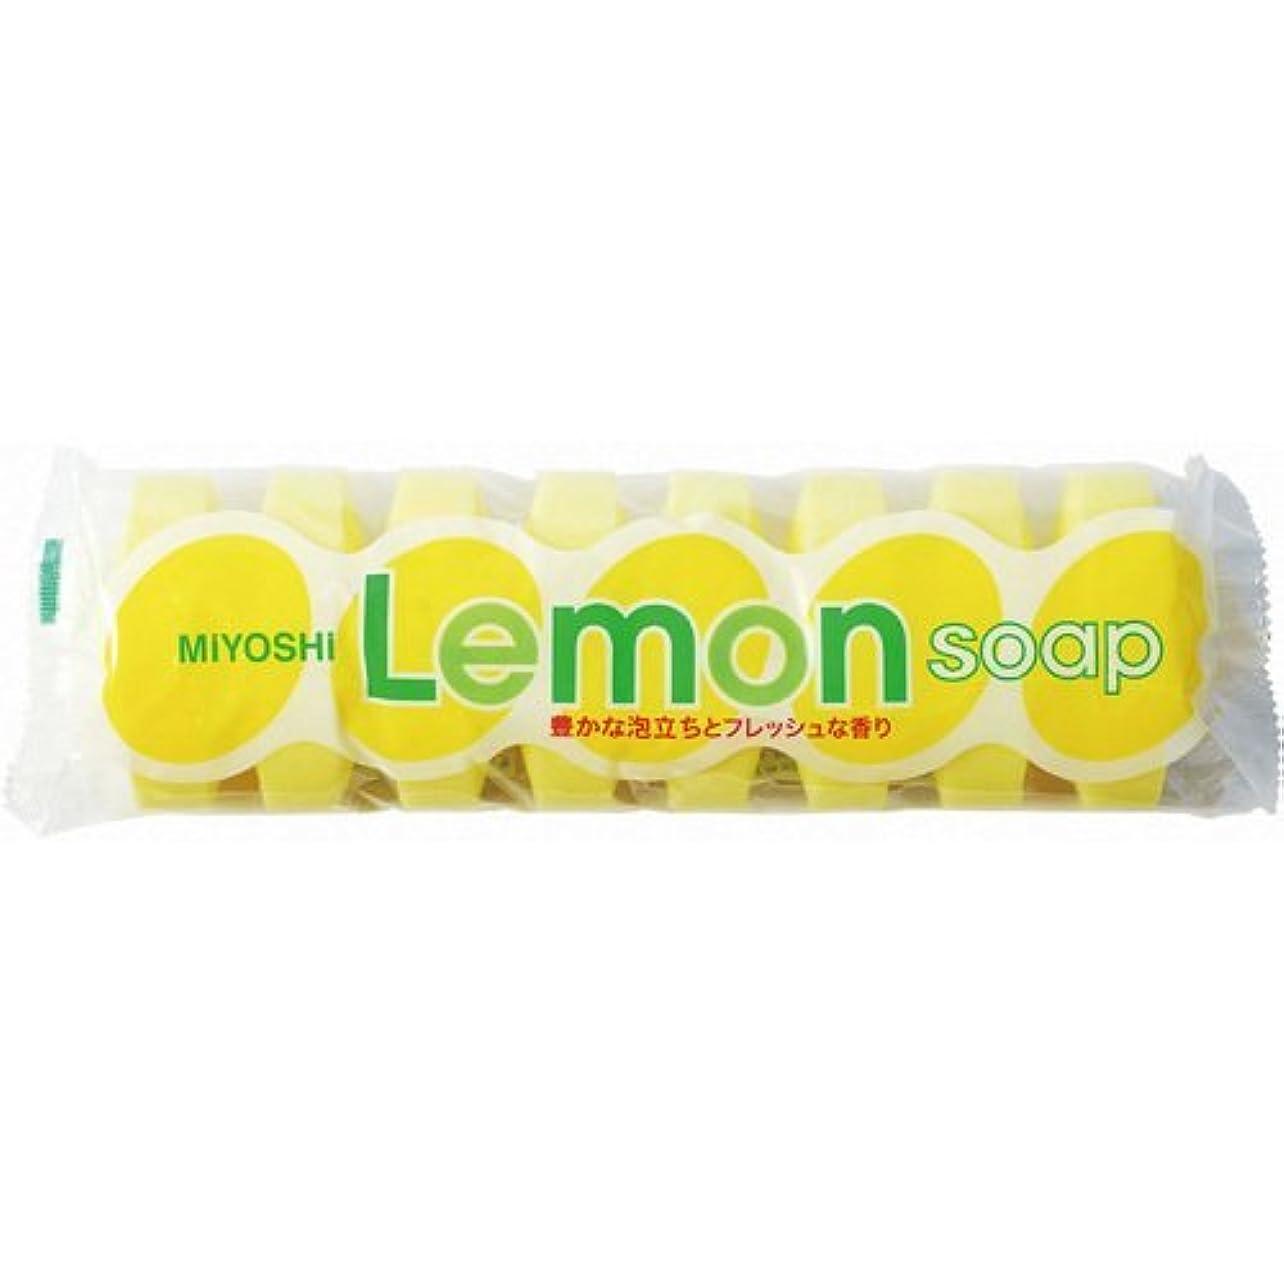 ラック薬用有効ミヨシ レモンソープ 45g×8個入